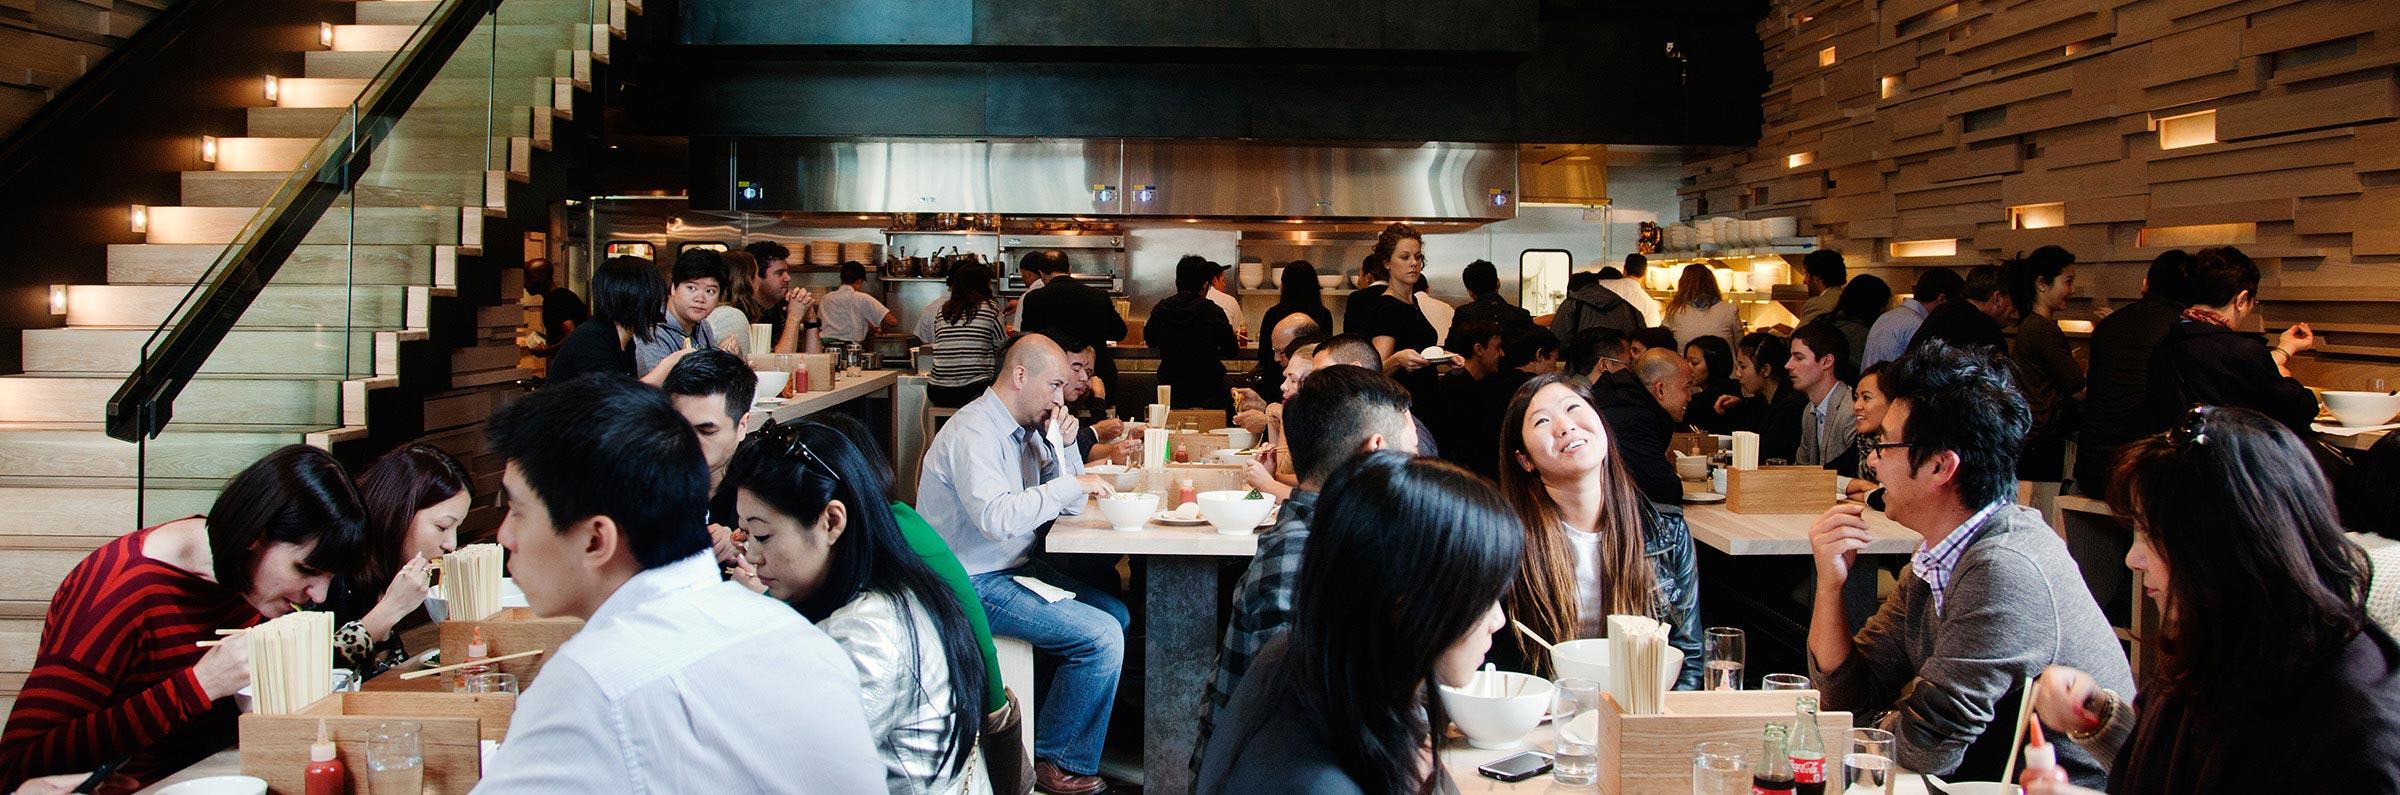 Mangiare e bere in Toronto